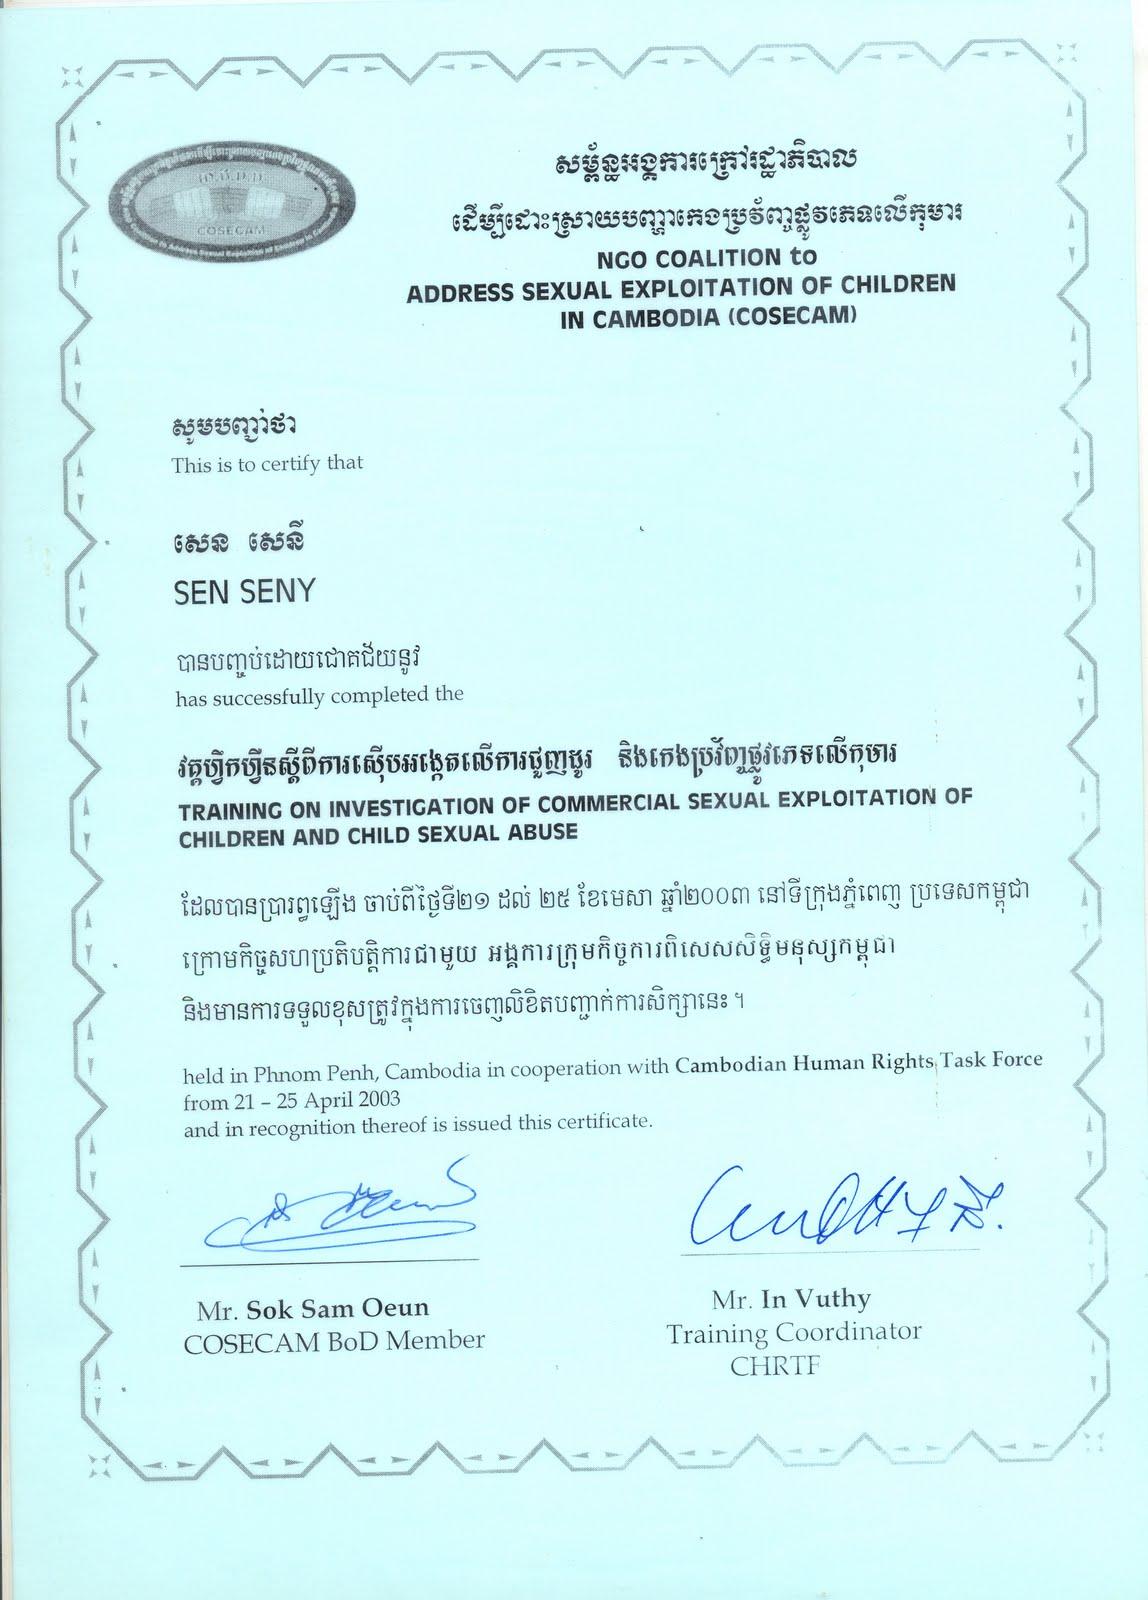 Mr Seny Sen: Certificate of training